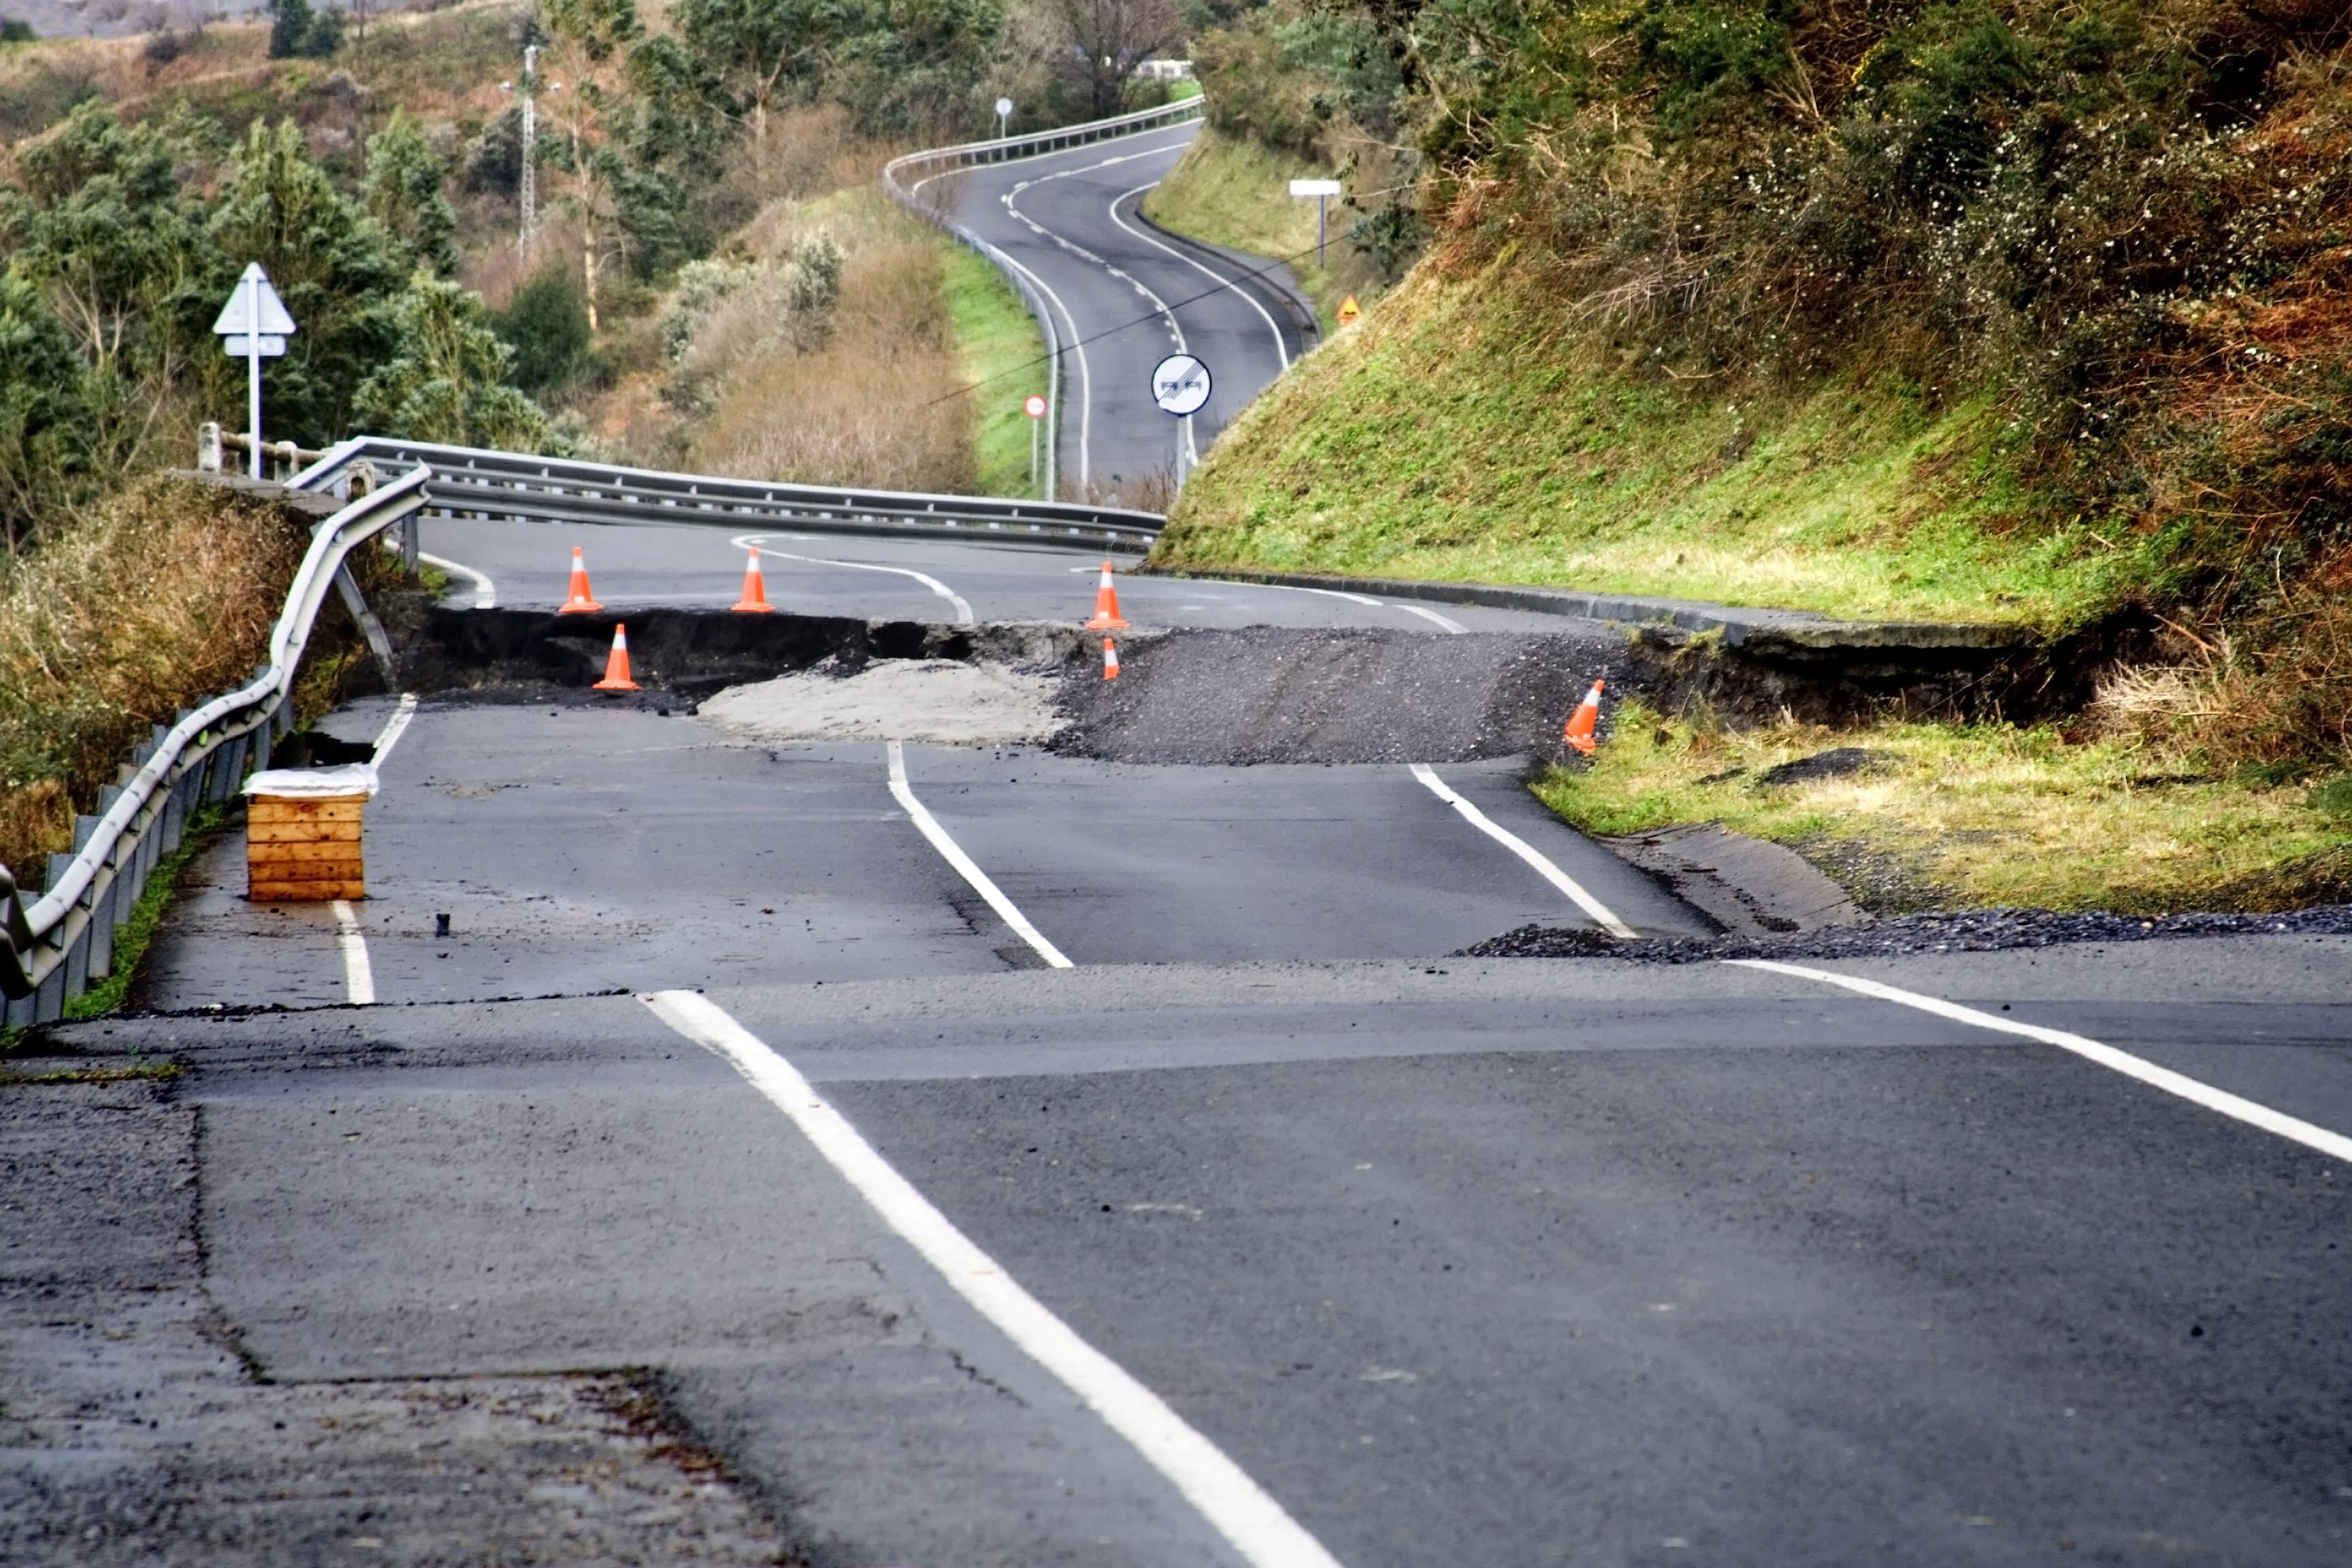 A road block ahead.